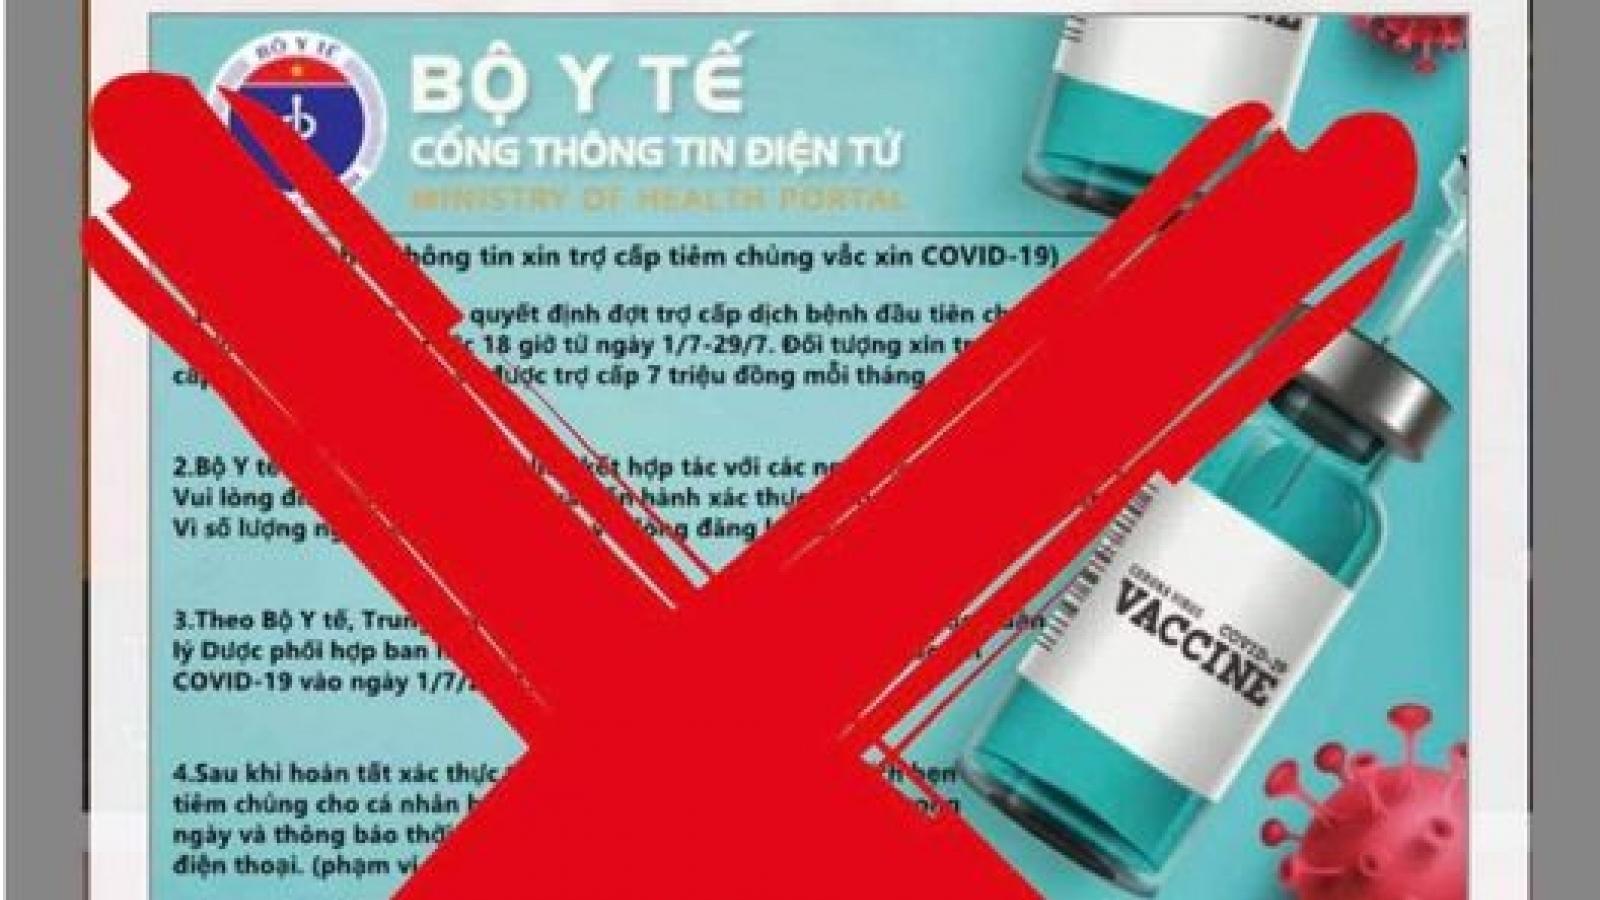 Cảnh báo website giả mạo Cổng thông tin điện tử của Bộ Y tế